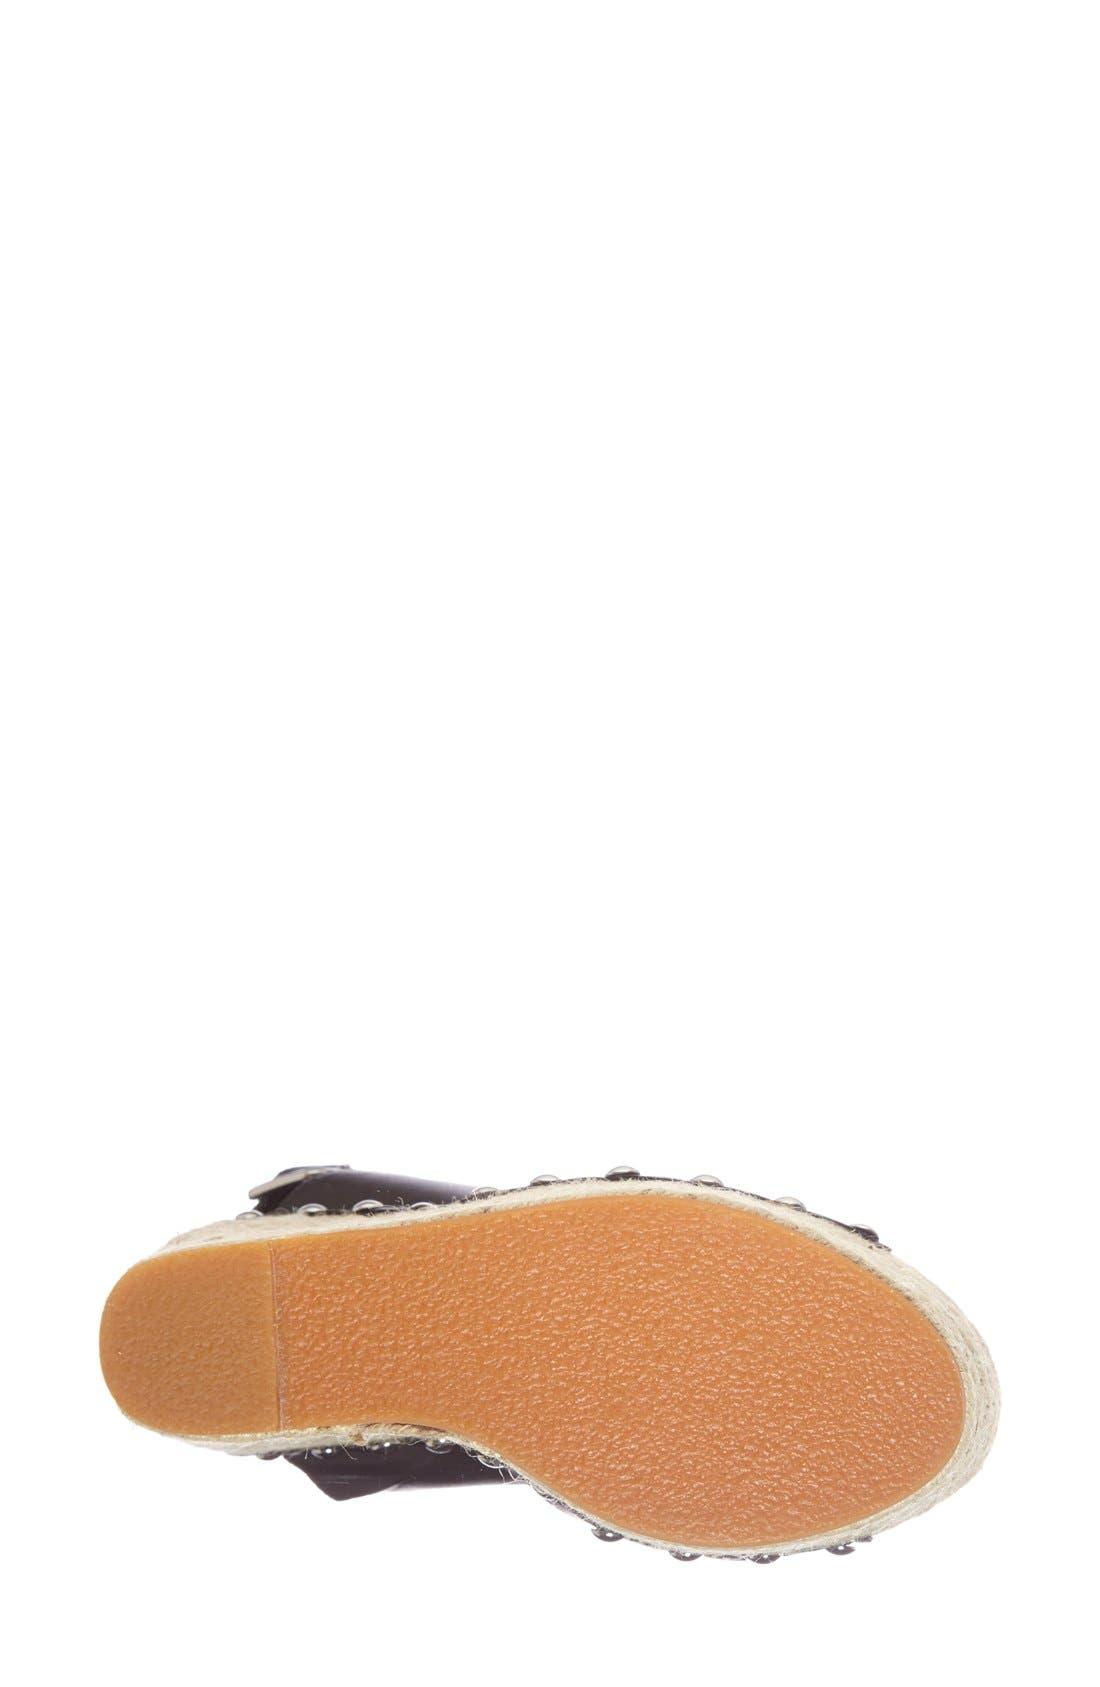 STEVE MADDEN,                             'Jummbo' Espadrille Wedge Sandal,                             Alternate thumbnail 2, color,                             001